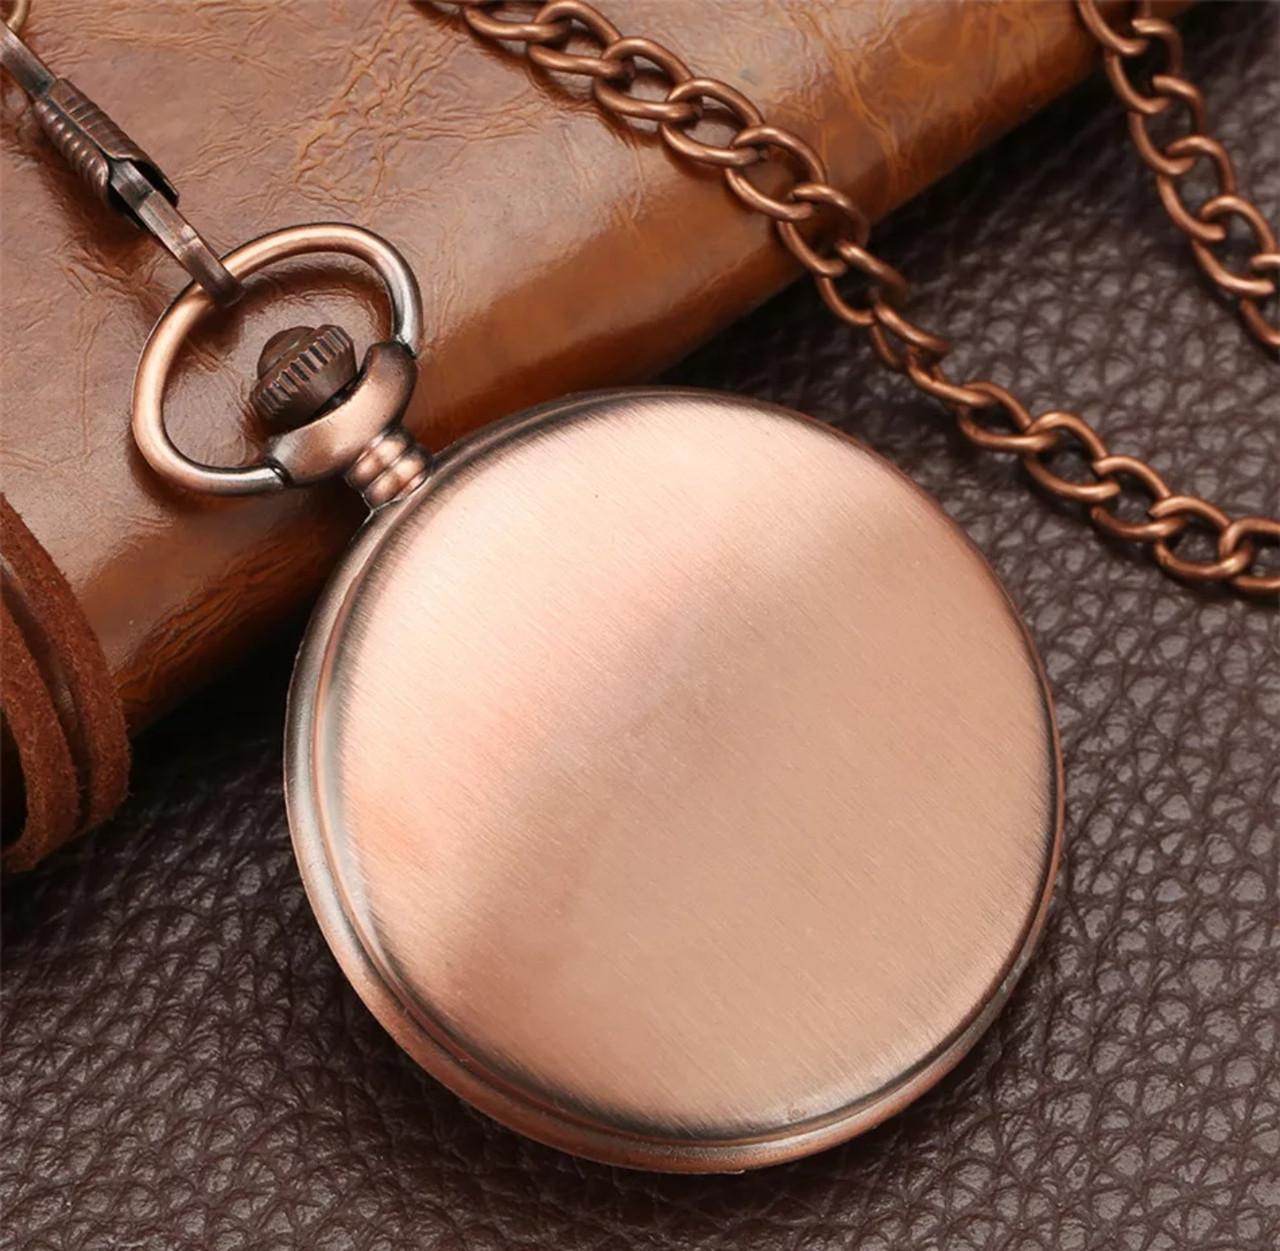 Кишенькові чорні чоловічі годинник на ланцюжку мідний колір